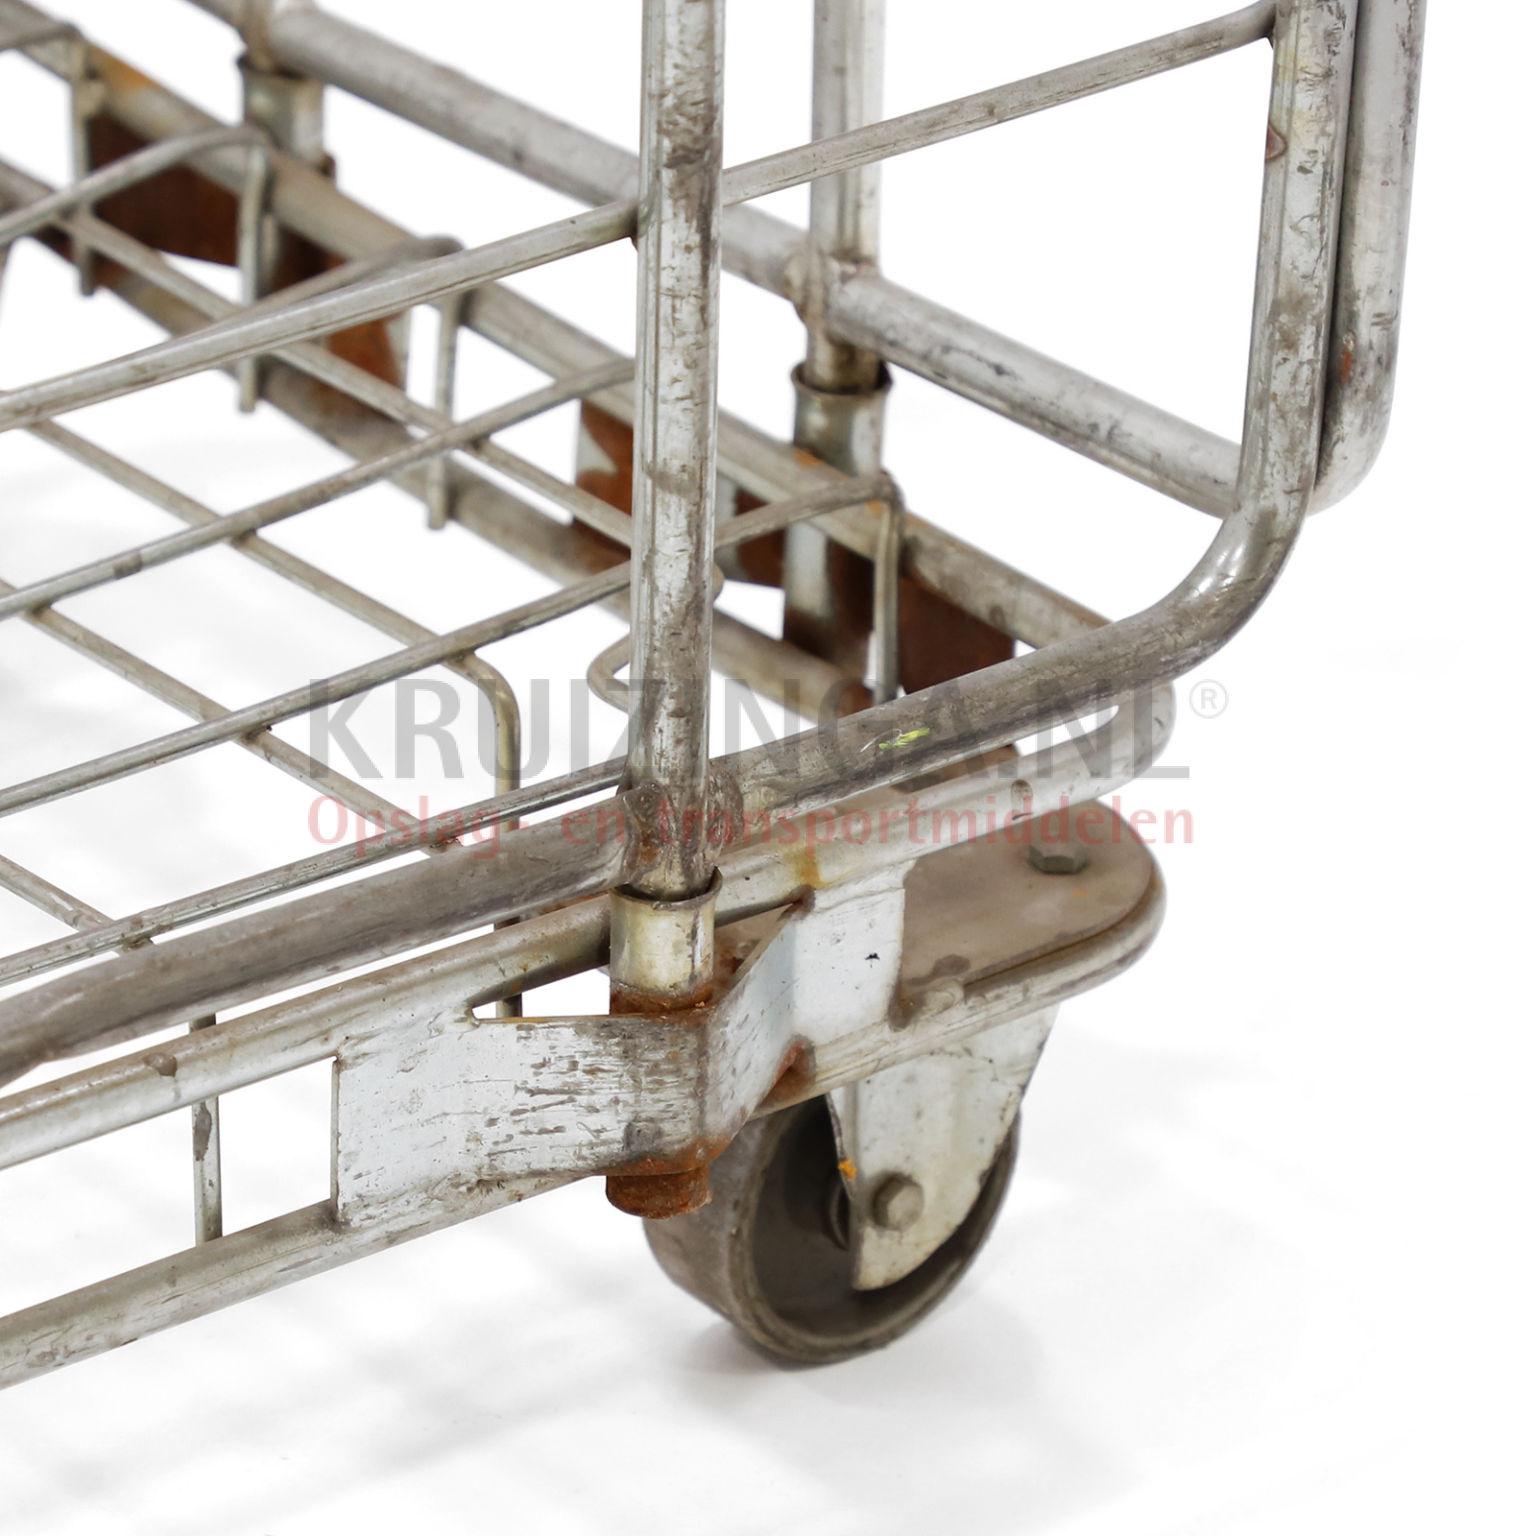 Roll conteneur 3 parois construction robuste fixe for Conteneur construction